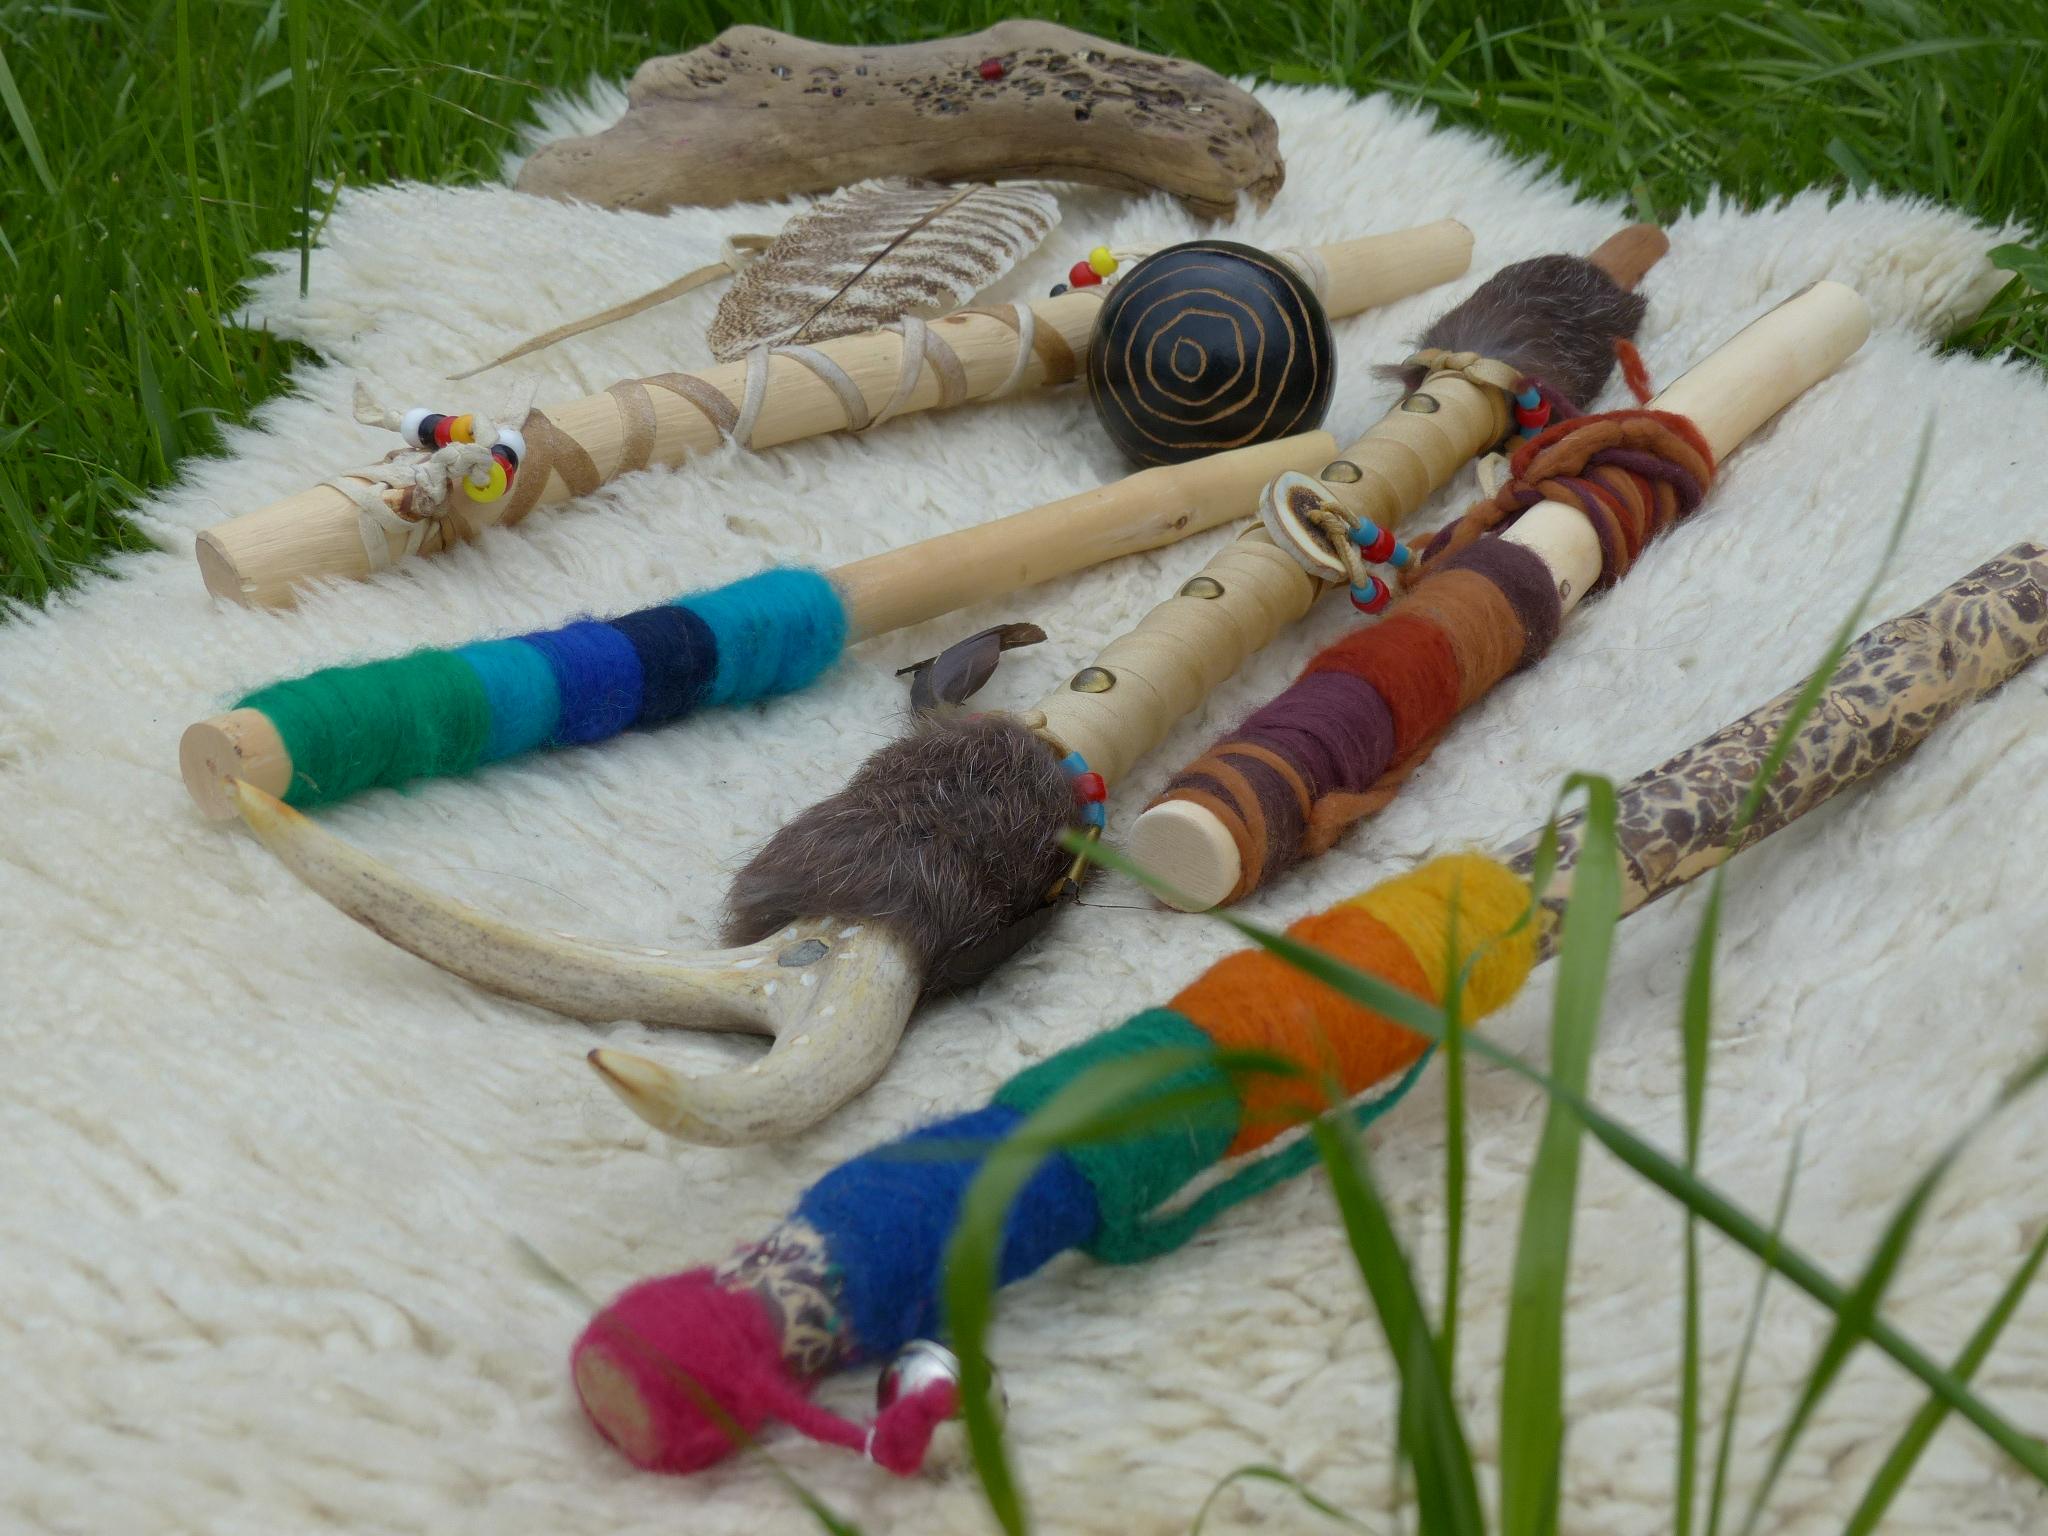 Christines Schatzkiste an verschiedenen selbstgestalteten Sprechstäbe mit Filzwolle, Fell, Leder, Knochen oder Perlen.